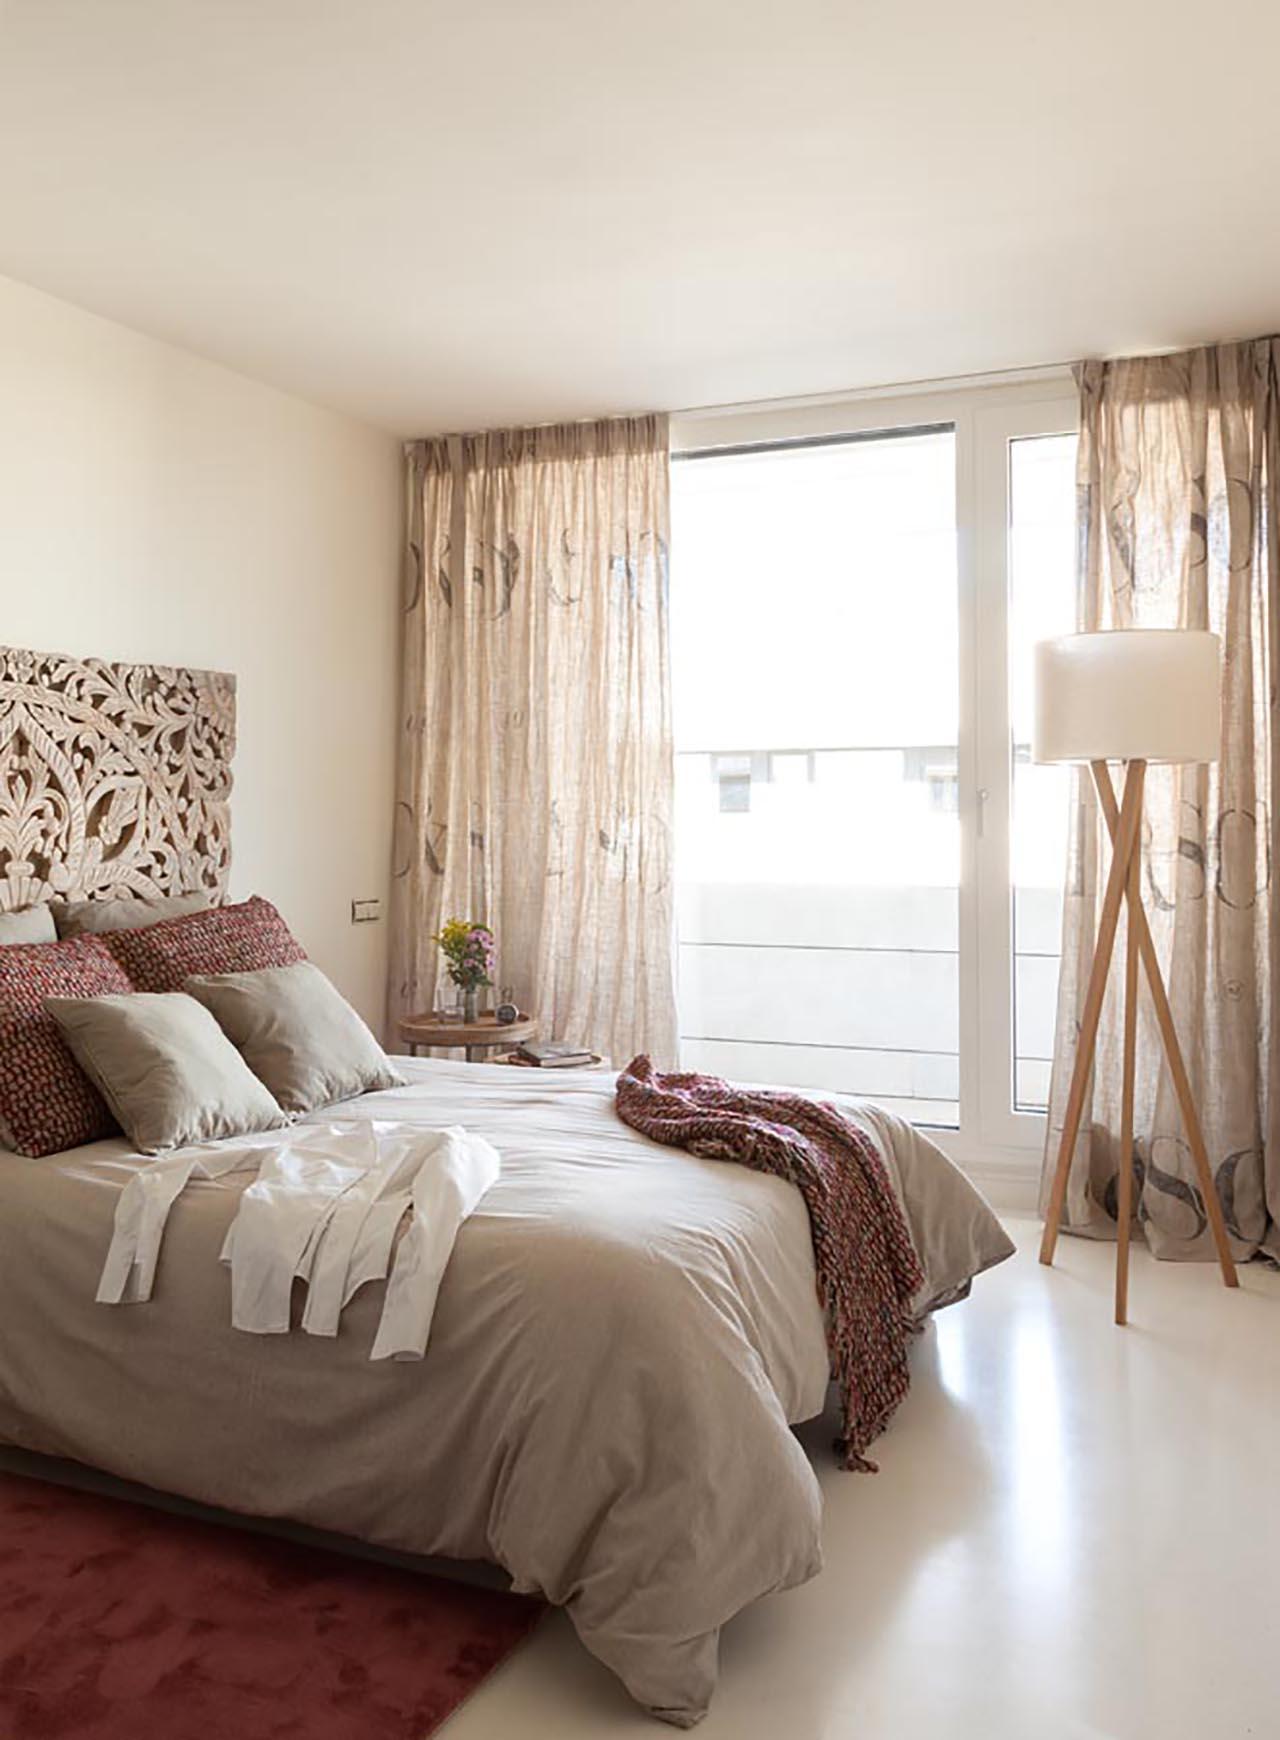 4. Dormitorio invitados